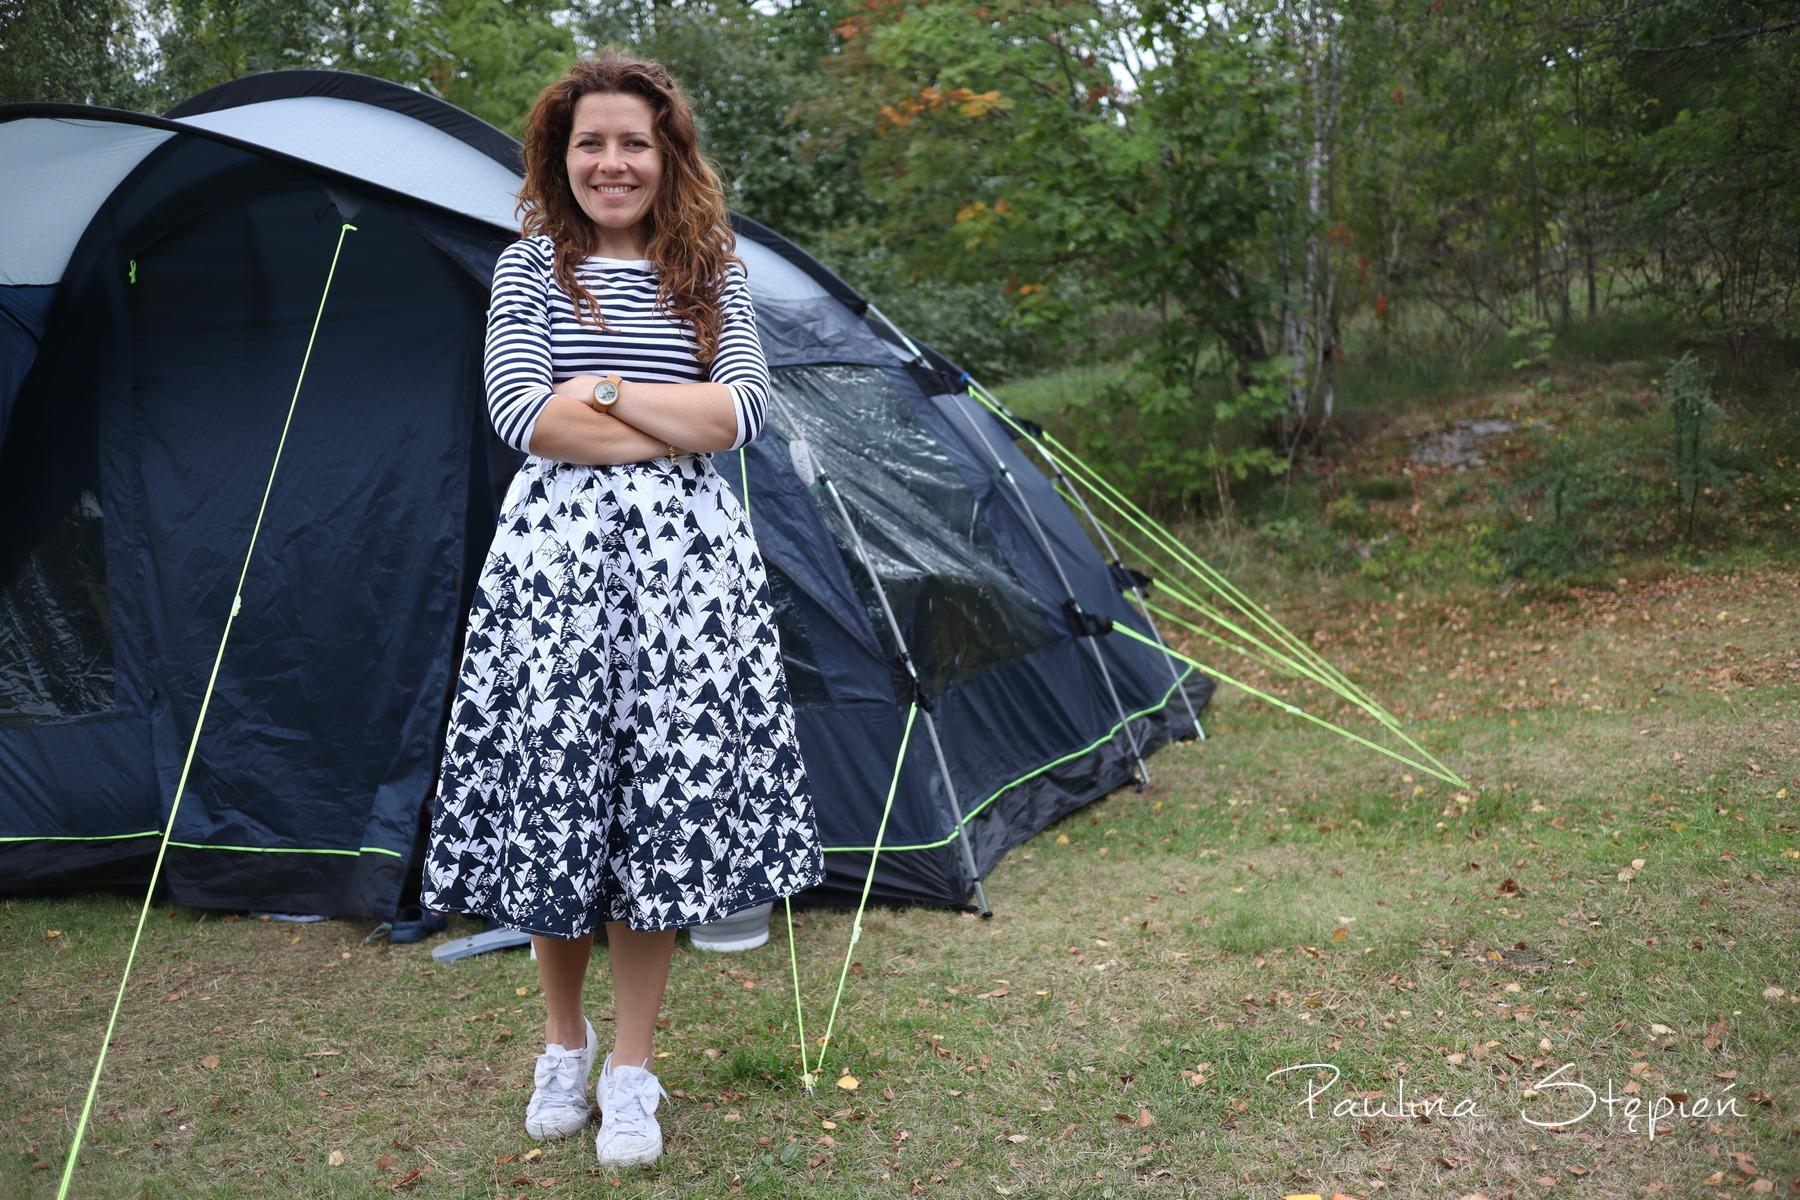 I znowu pod namiotem